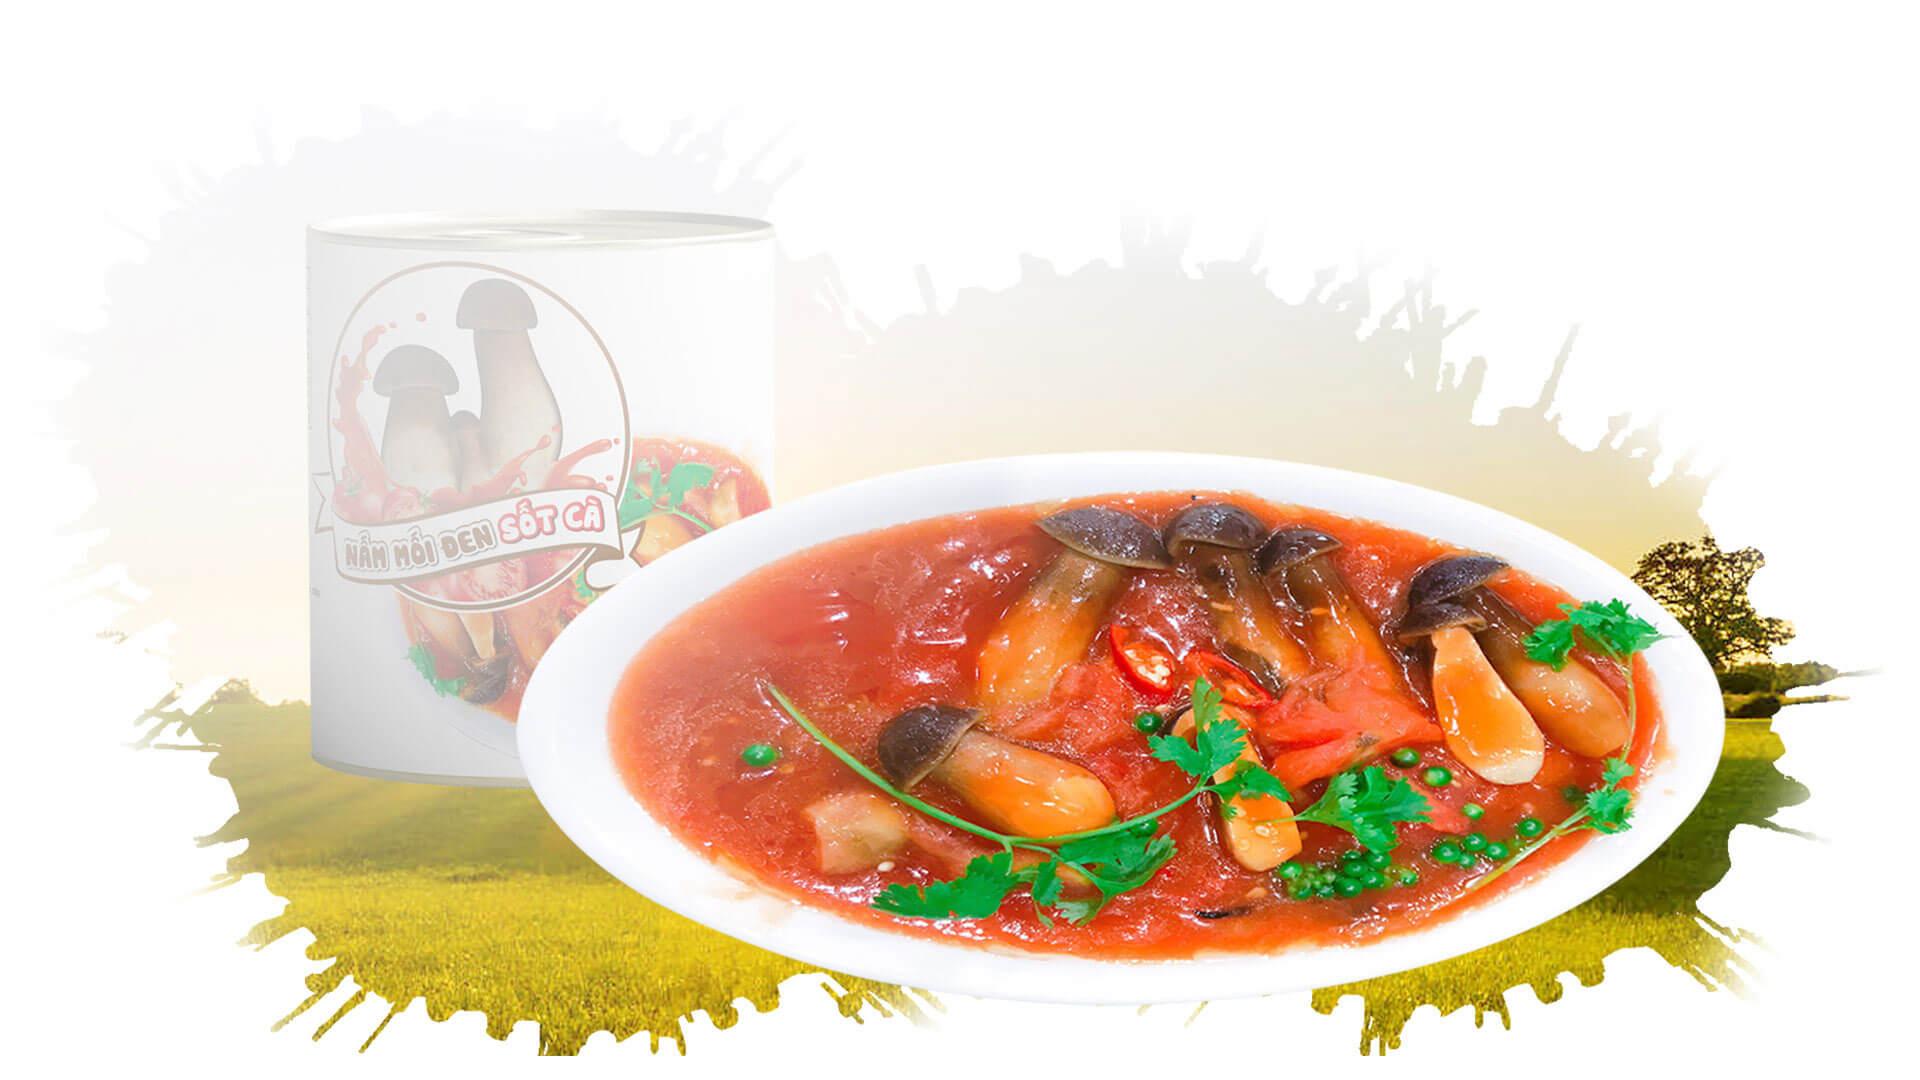 Nấm mối đen sốt cà ( ăn chay )